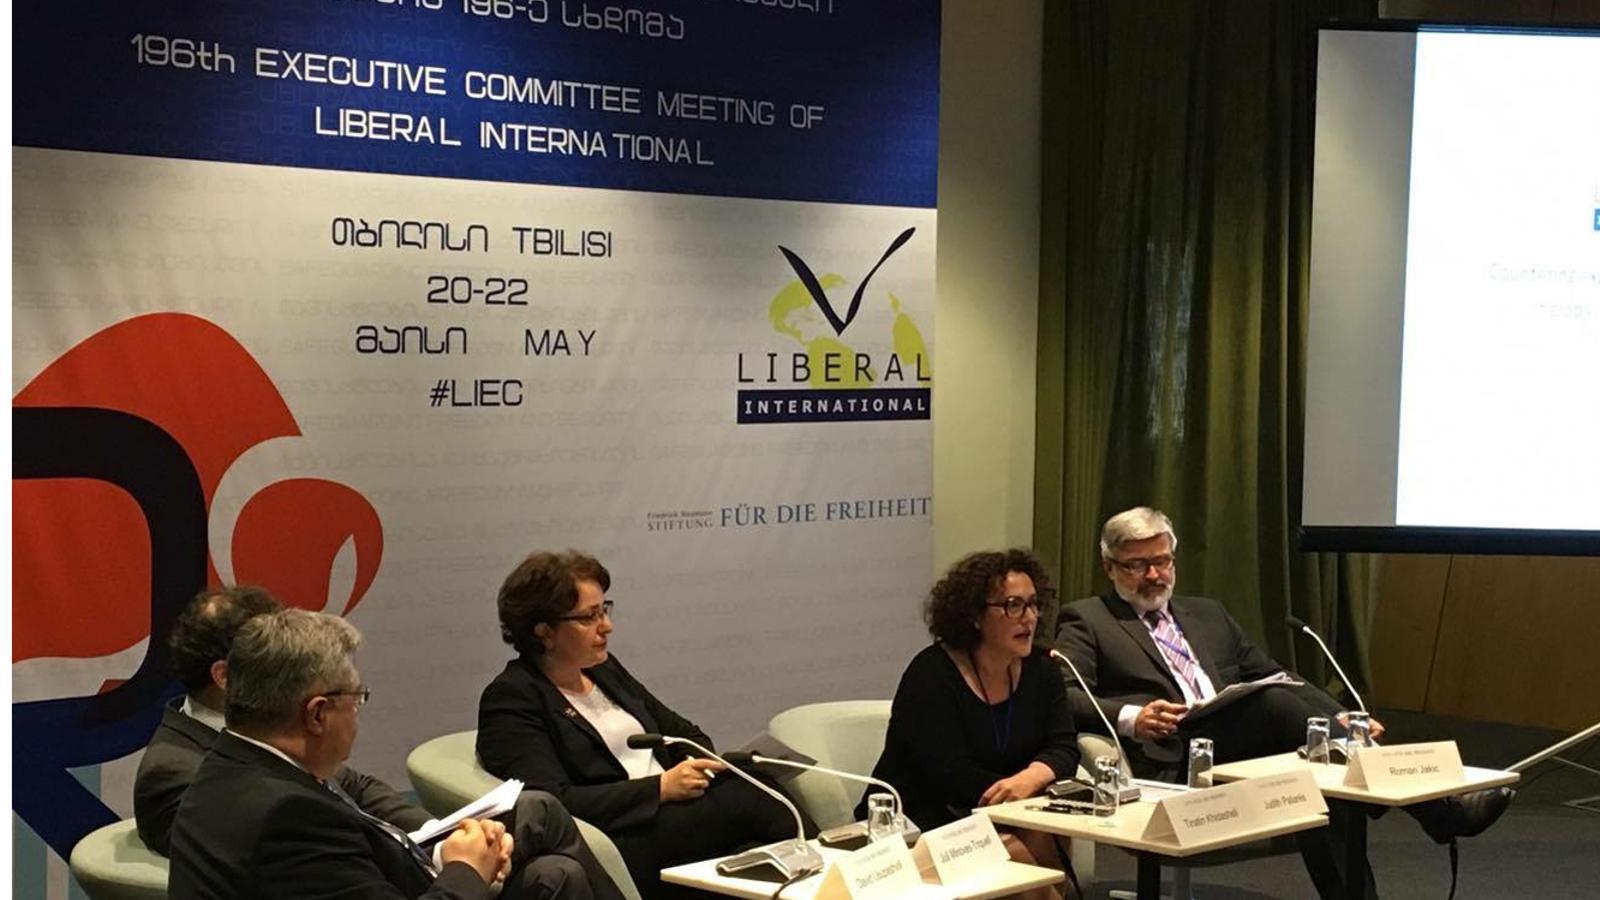 La consellera liberal Judith Pallarés durant la seva intervenció a la reunió del comité executiu de la Internacional Liberal